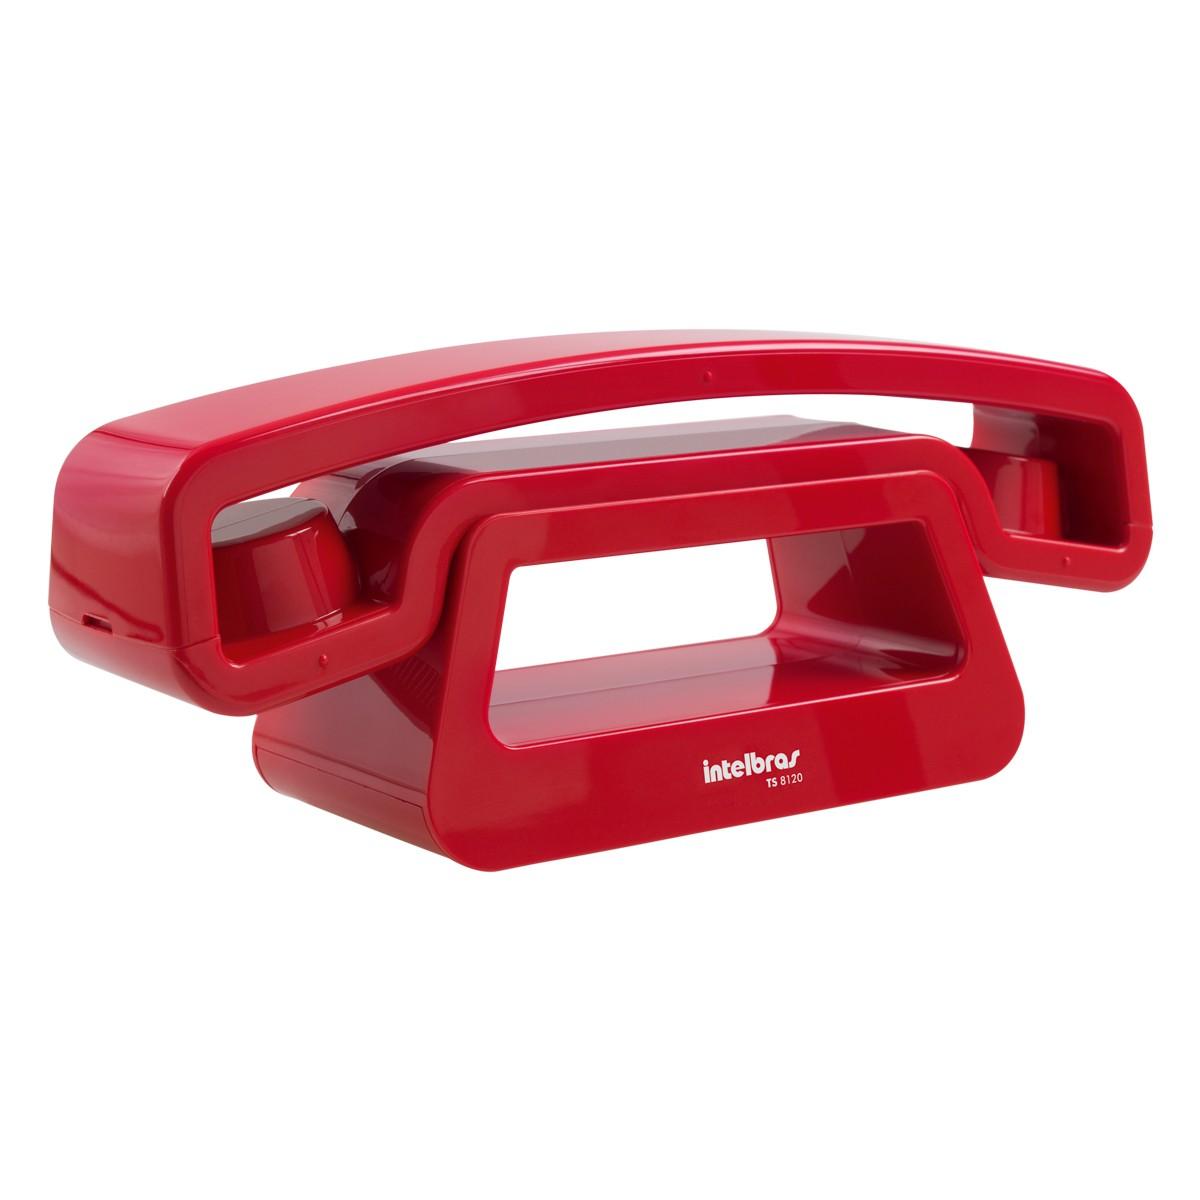 Telefone Intelbras sem Fio TS 8120 Vermelho  - ShopNoroeste.com.br